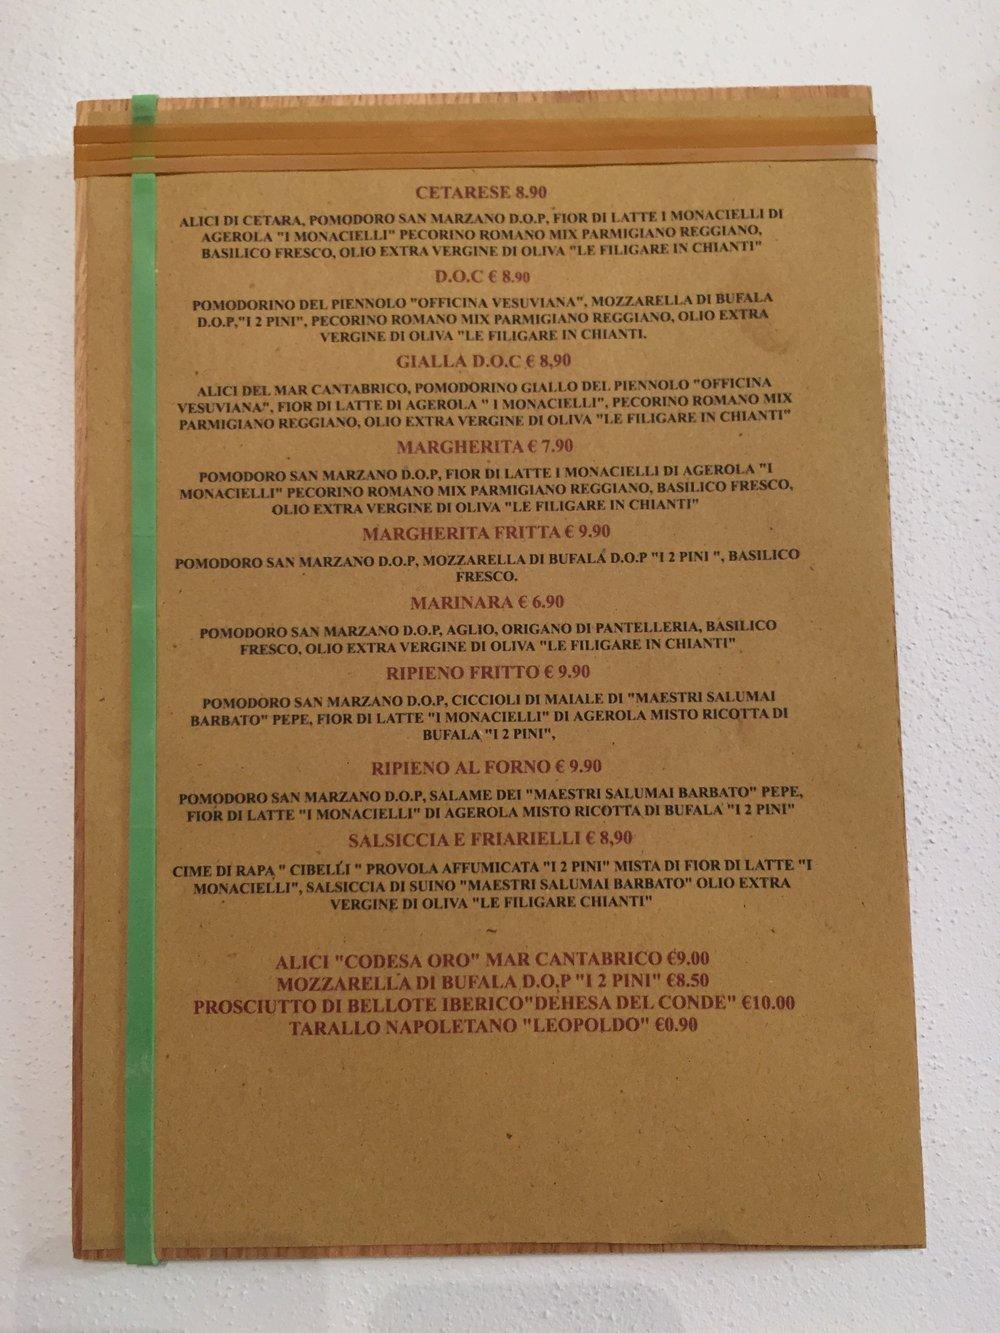 Menù - __________________CETARESE__________________D.O.C.__________________GIALLA D.O.C.__________________MARGHERITApomodorofior di lattepecorino romano mix parmigiano reggianobasilico frescoolio extra vergine oliva__________________MARGHERITA FRITTApomodoromozzarella di bufalabasilico fresco__________________MARINARA__________________RIPIENO FRITTO__________________RIPIENO AL FORNO__________________SALSICCIA E FRIARIELLIcime di rapaprovola affumicatamista di fior di latteSalsiccia di suinoolio extra vergine oliva__________________